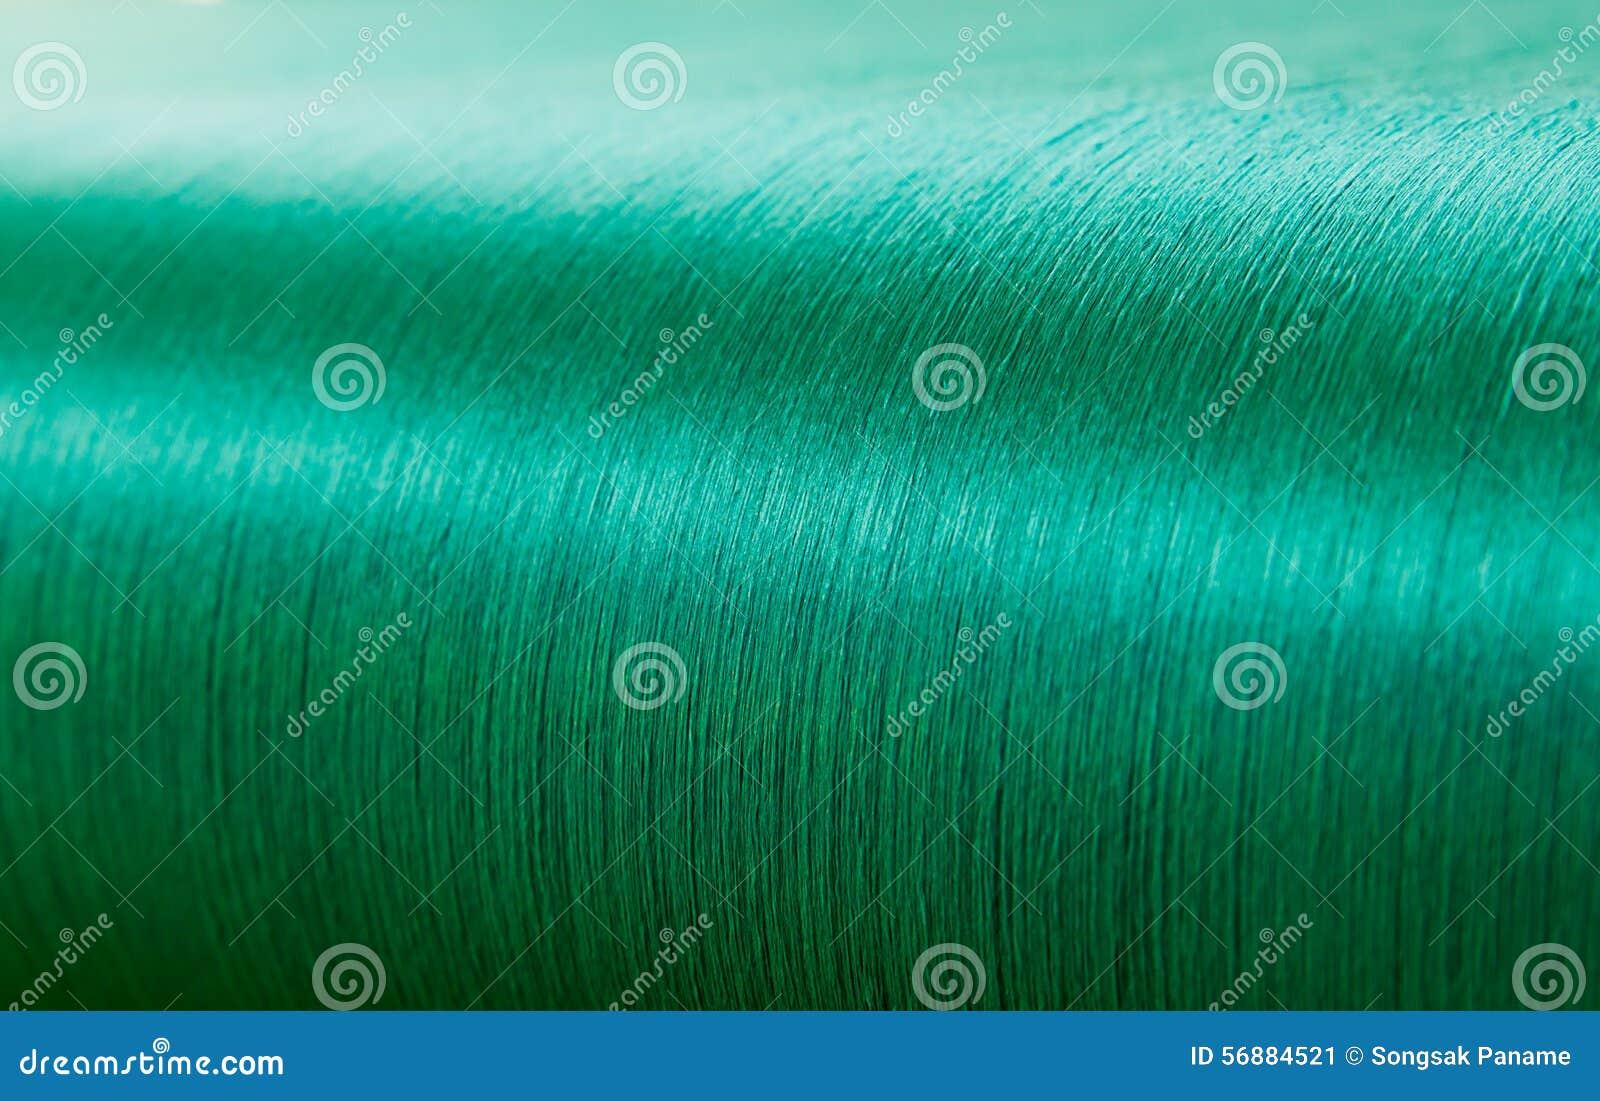 Seta verde su un telaio di deformazione di un industria tessile